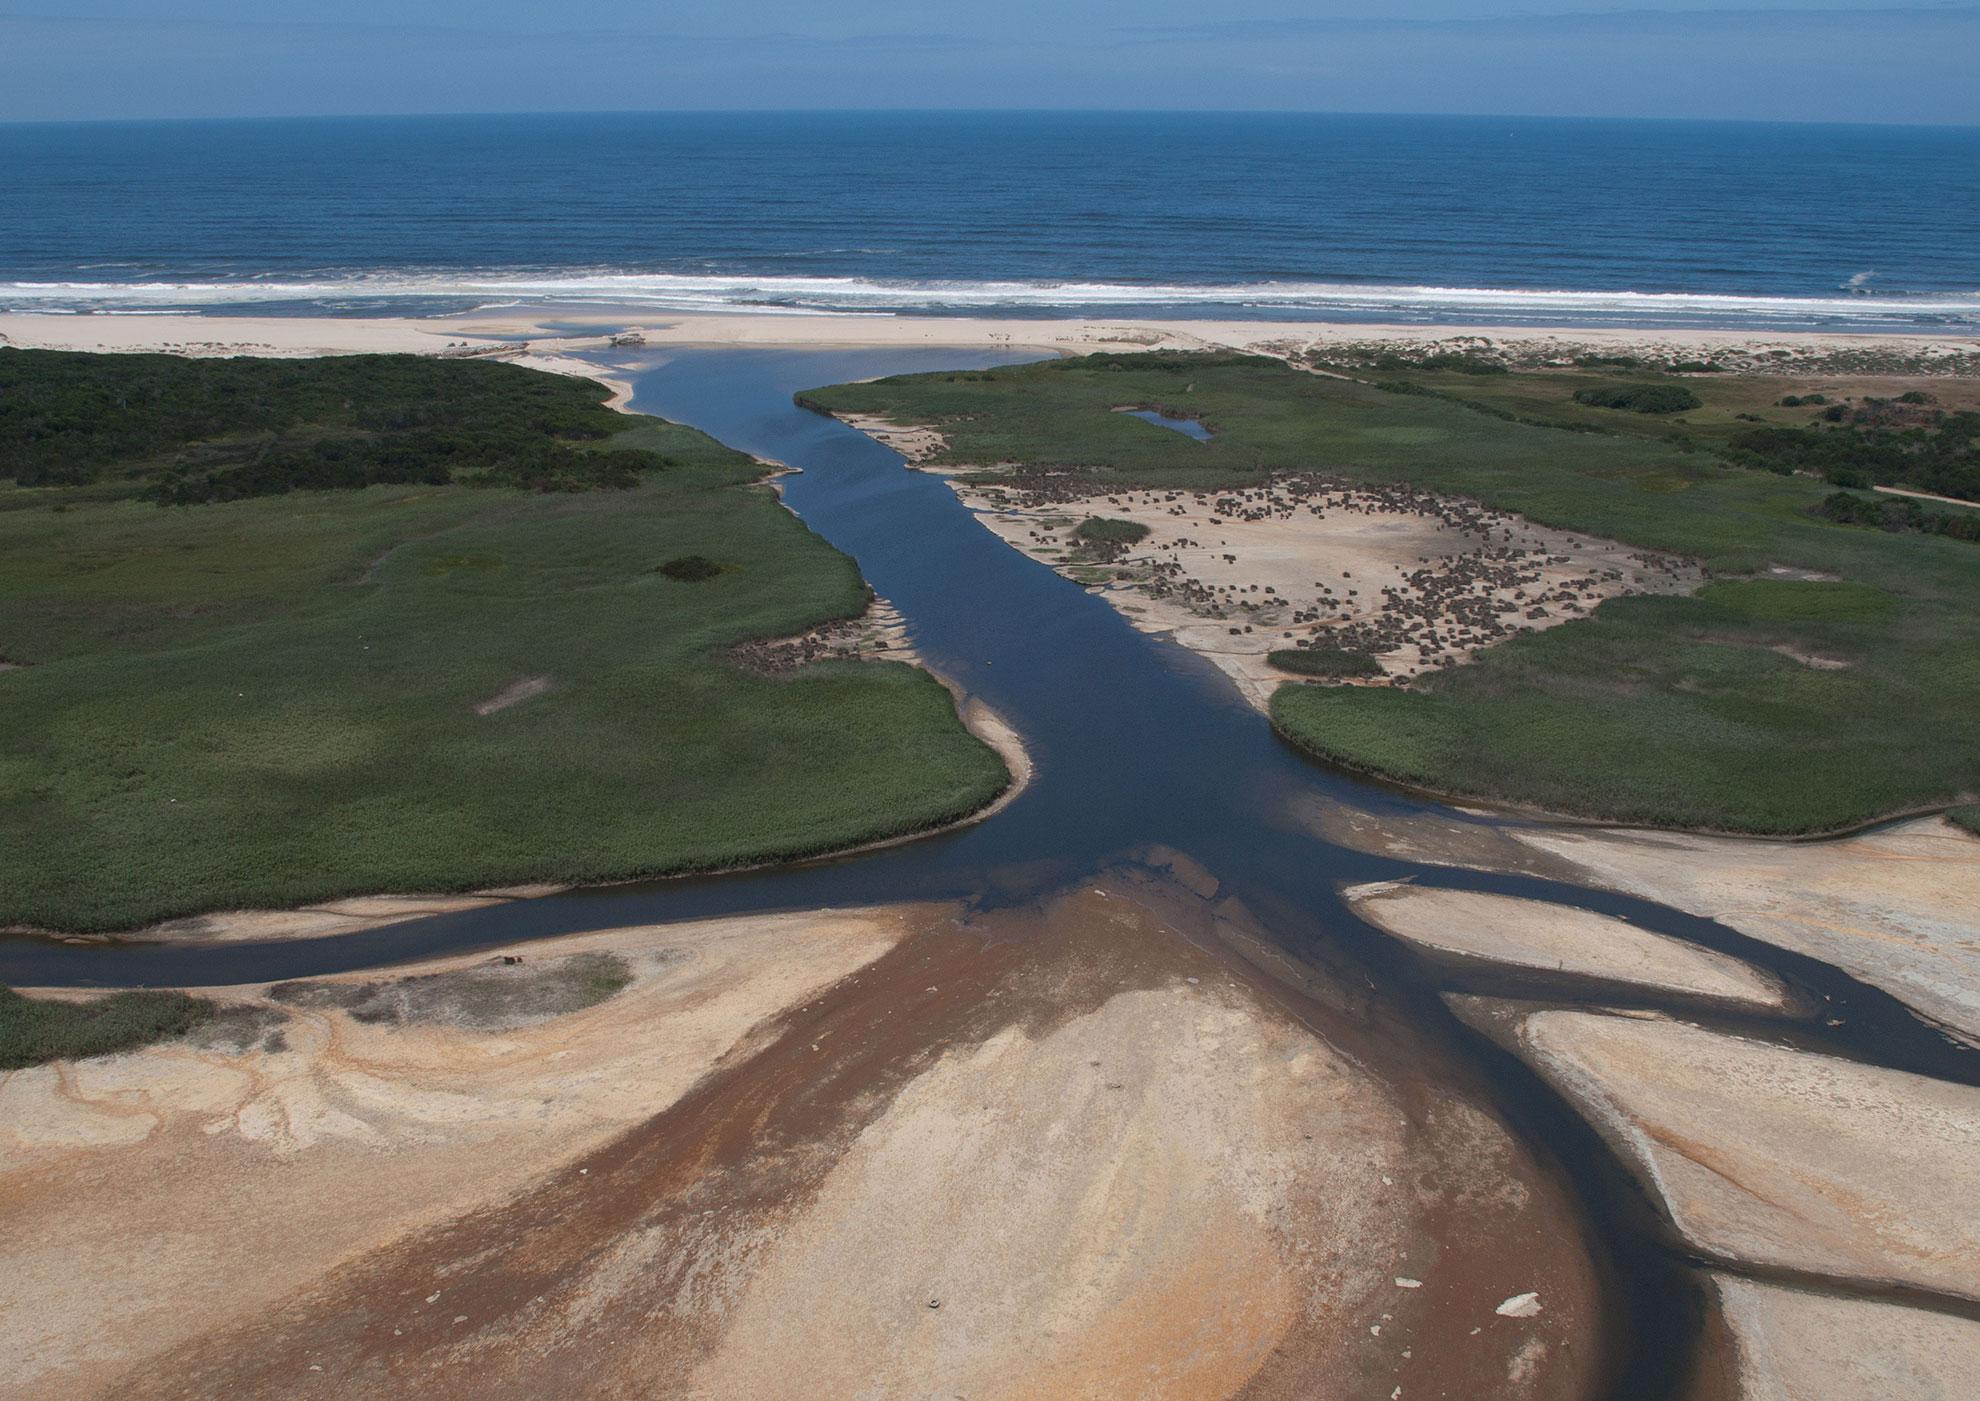 Canal de ligação da barrinha/lagoa ao mar.